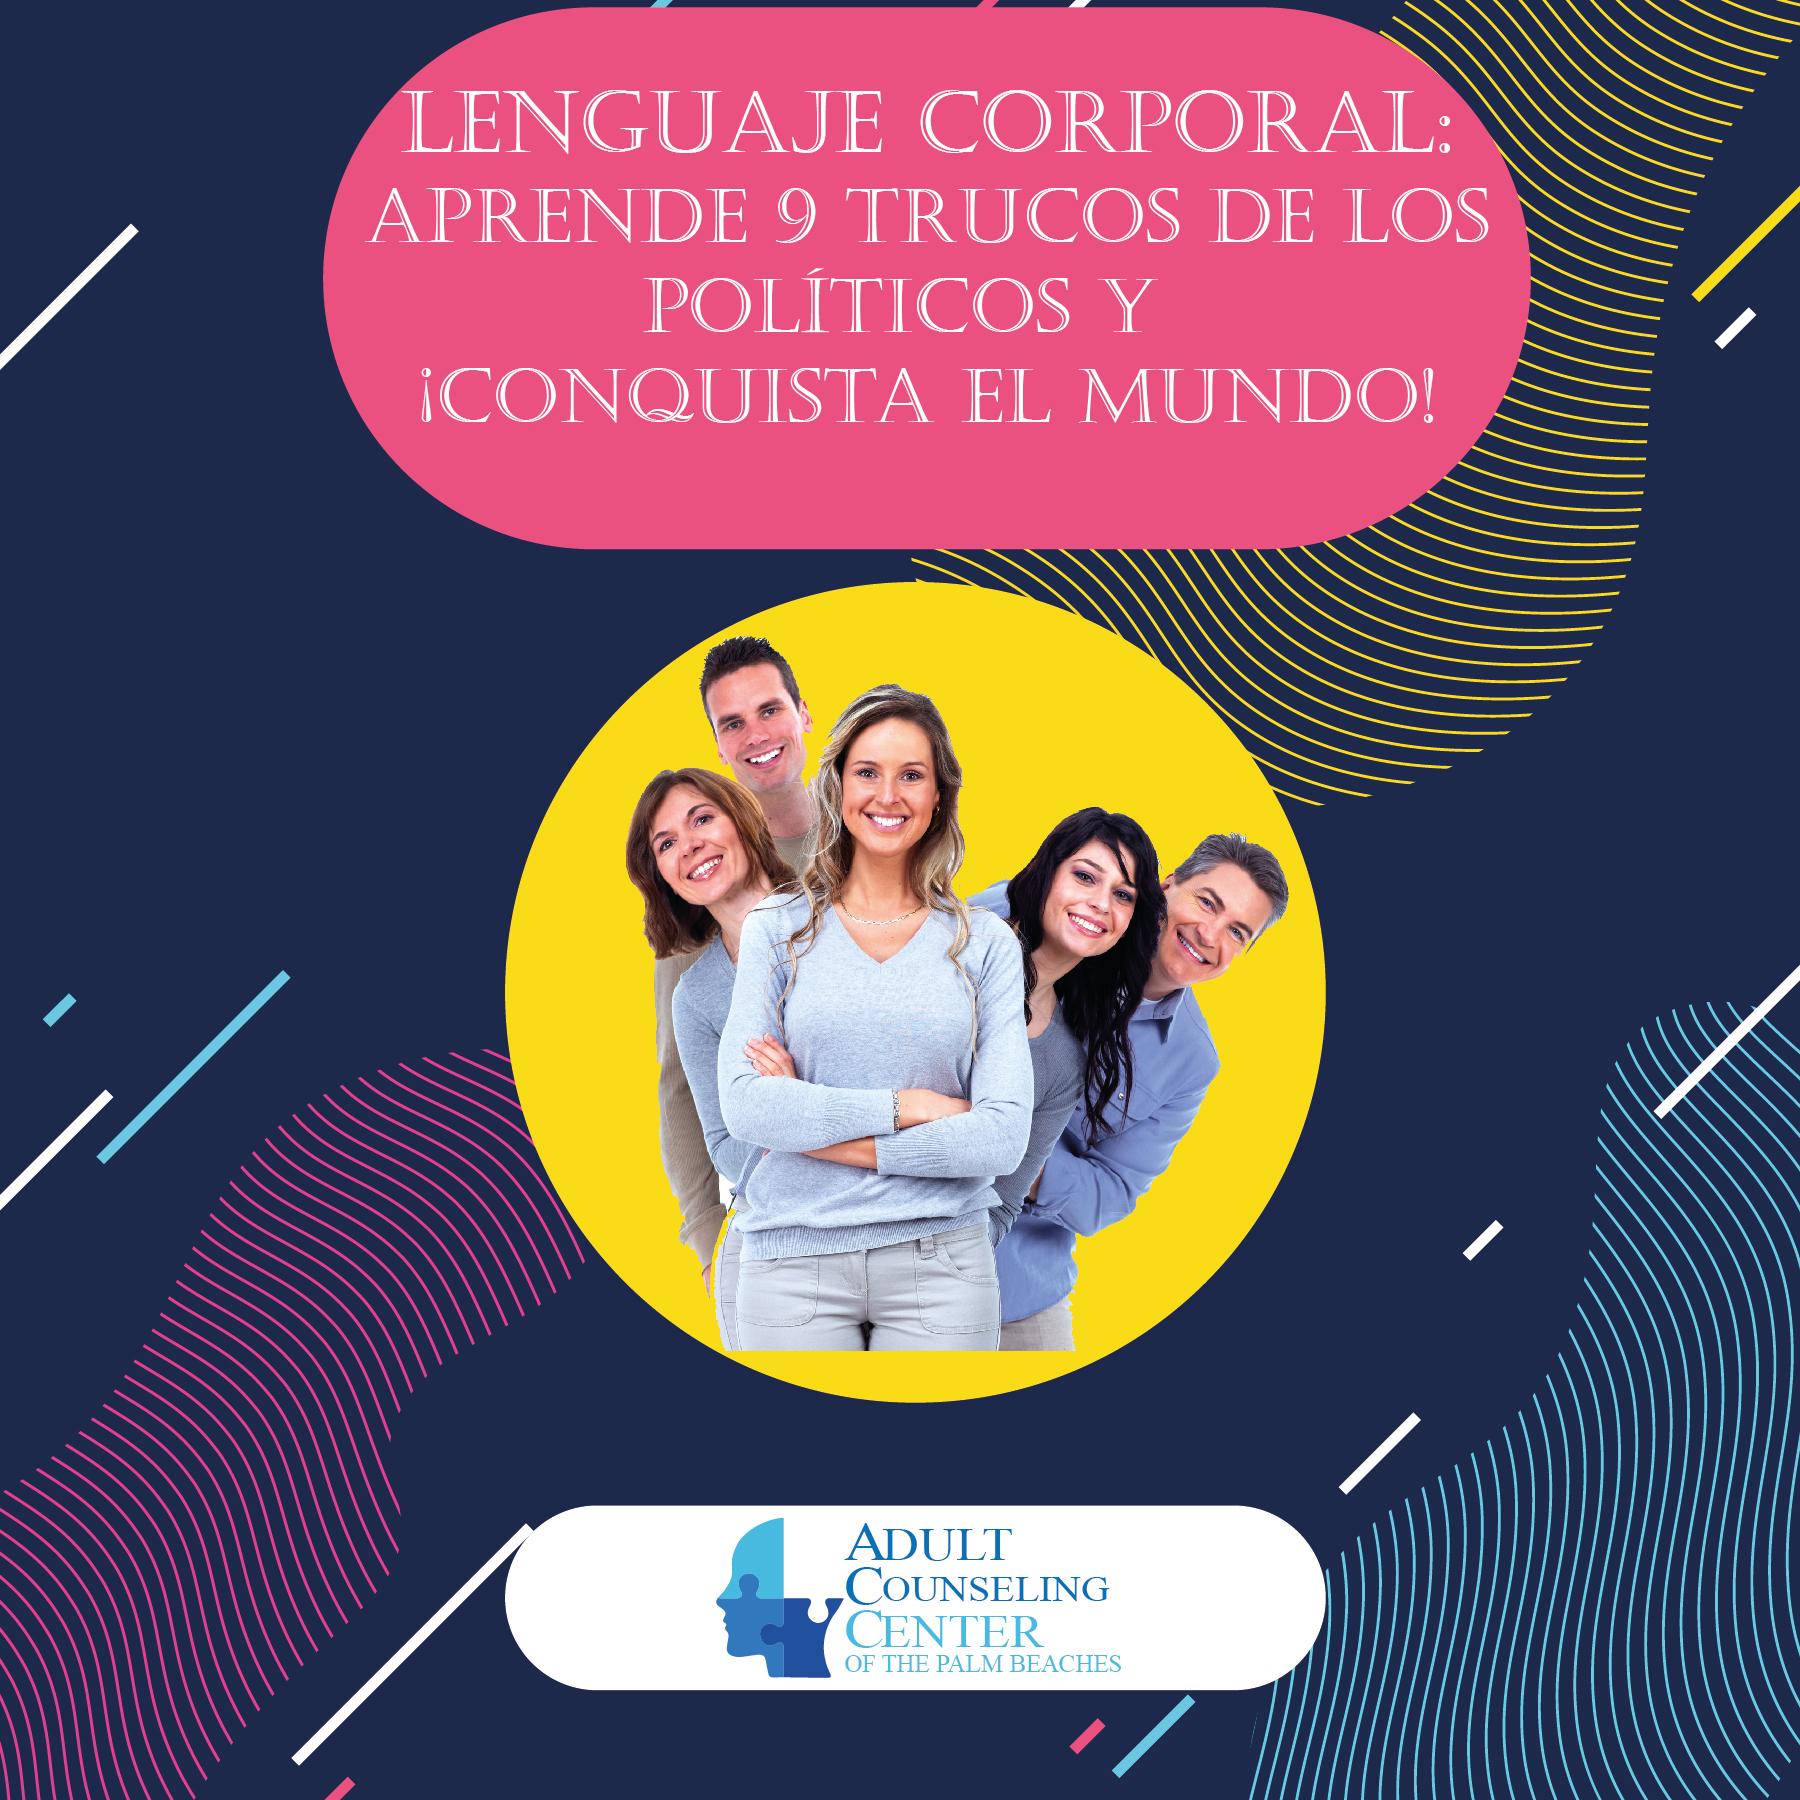 Lenguaje corporal: Aprende 9 trucos de los políticos y ¡conquista el mundo!